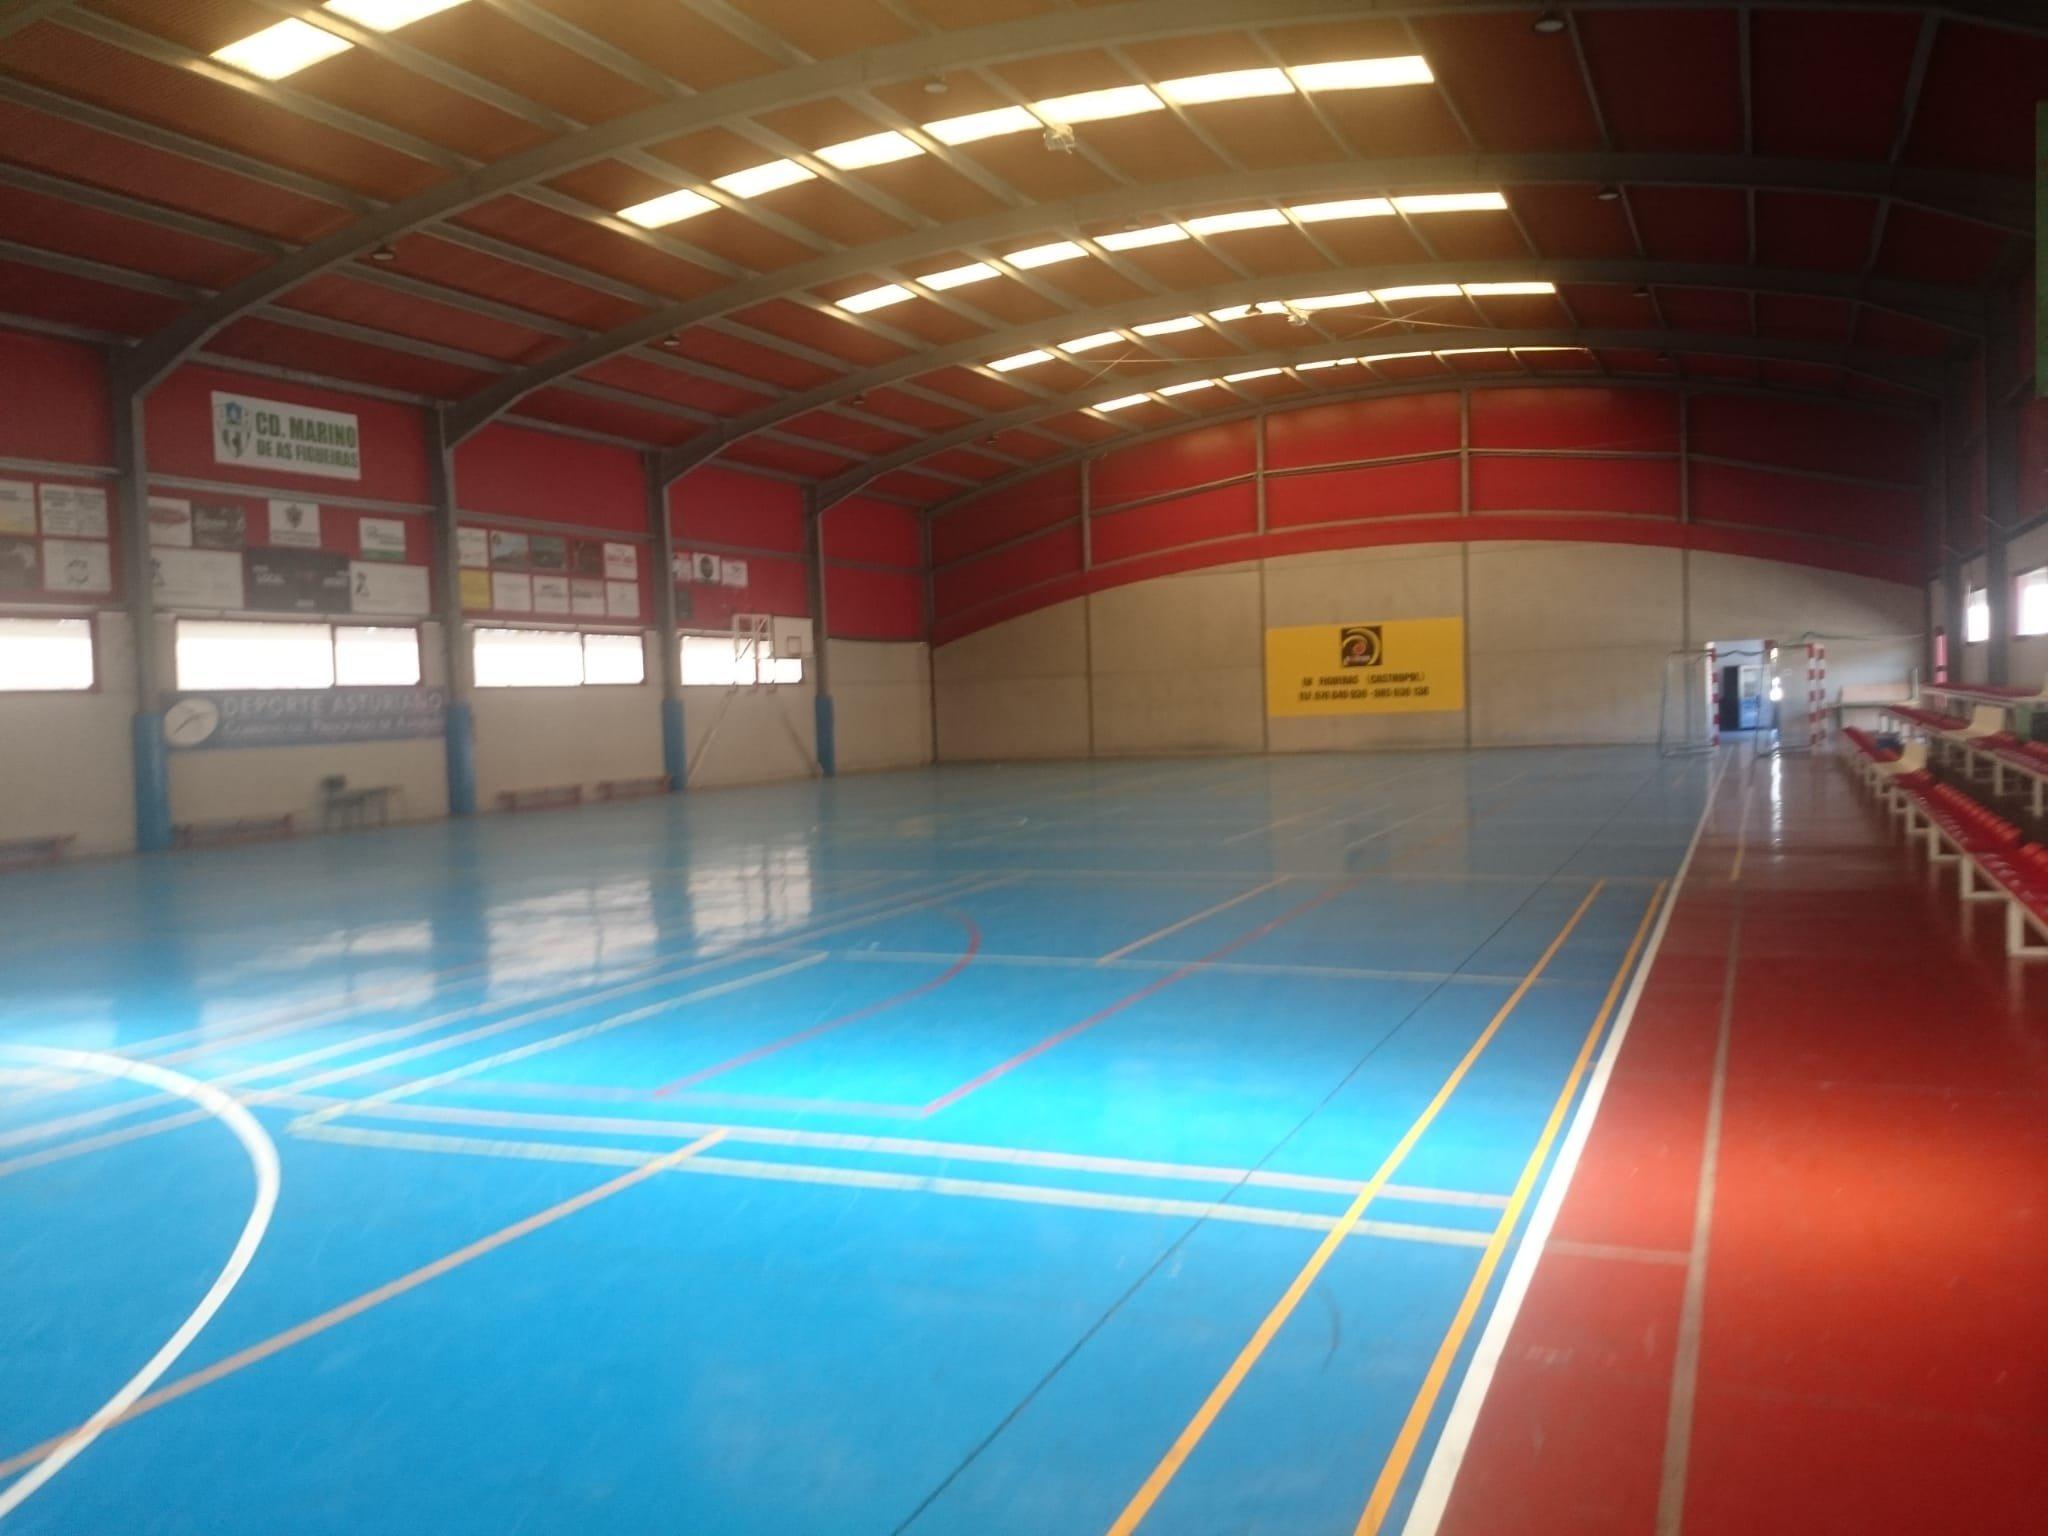 El próximo lunes se reanuda la actividad en el Polideportivo y Gimnasio Municipal de Barres (Castropol)